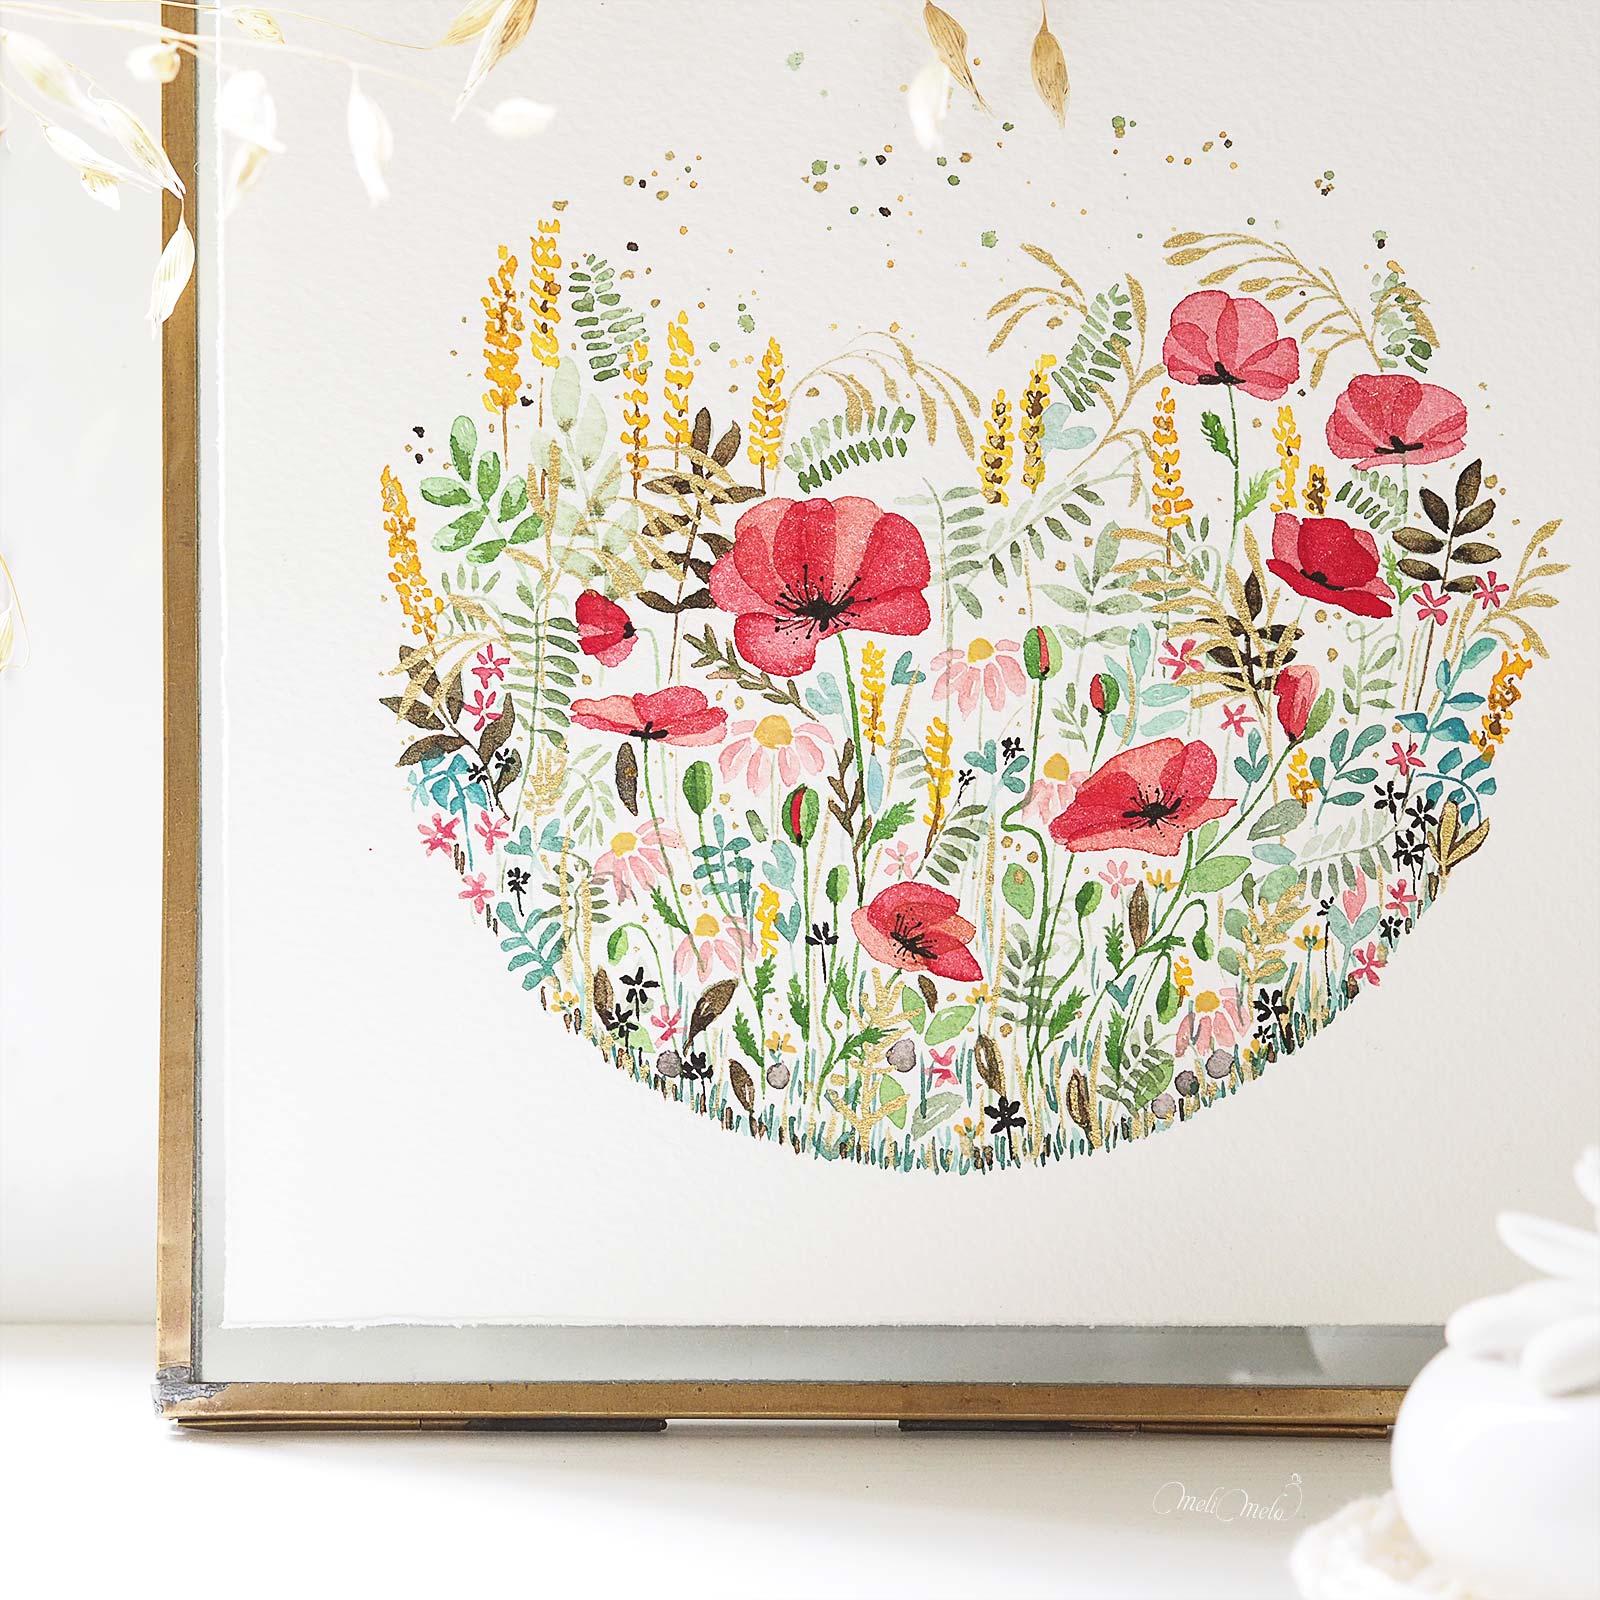 fleurs-coquelicot-herbes-folles-aquarelle-watercolor-laboutiquedemelimelo